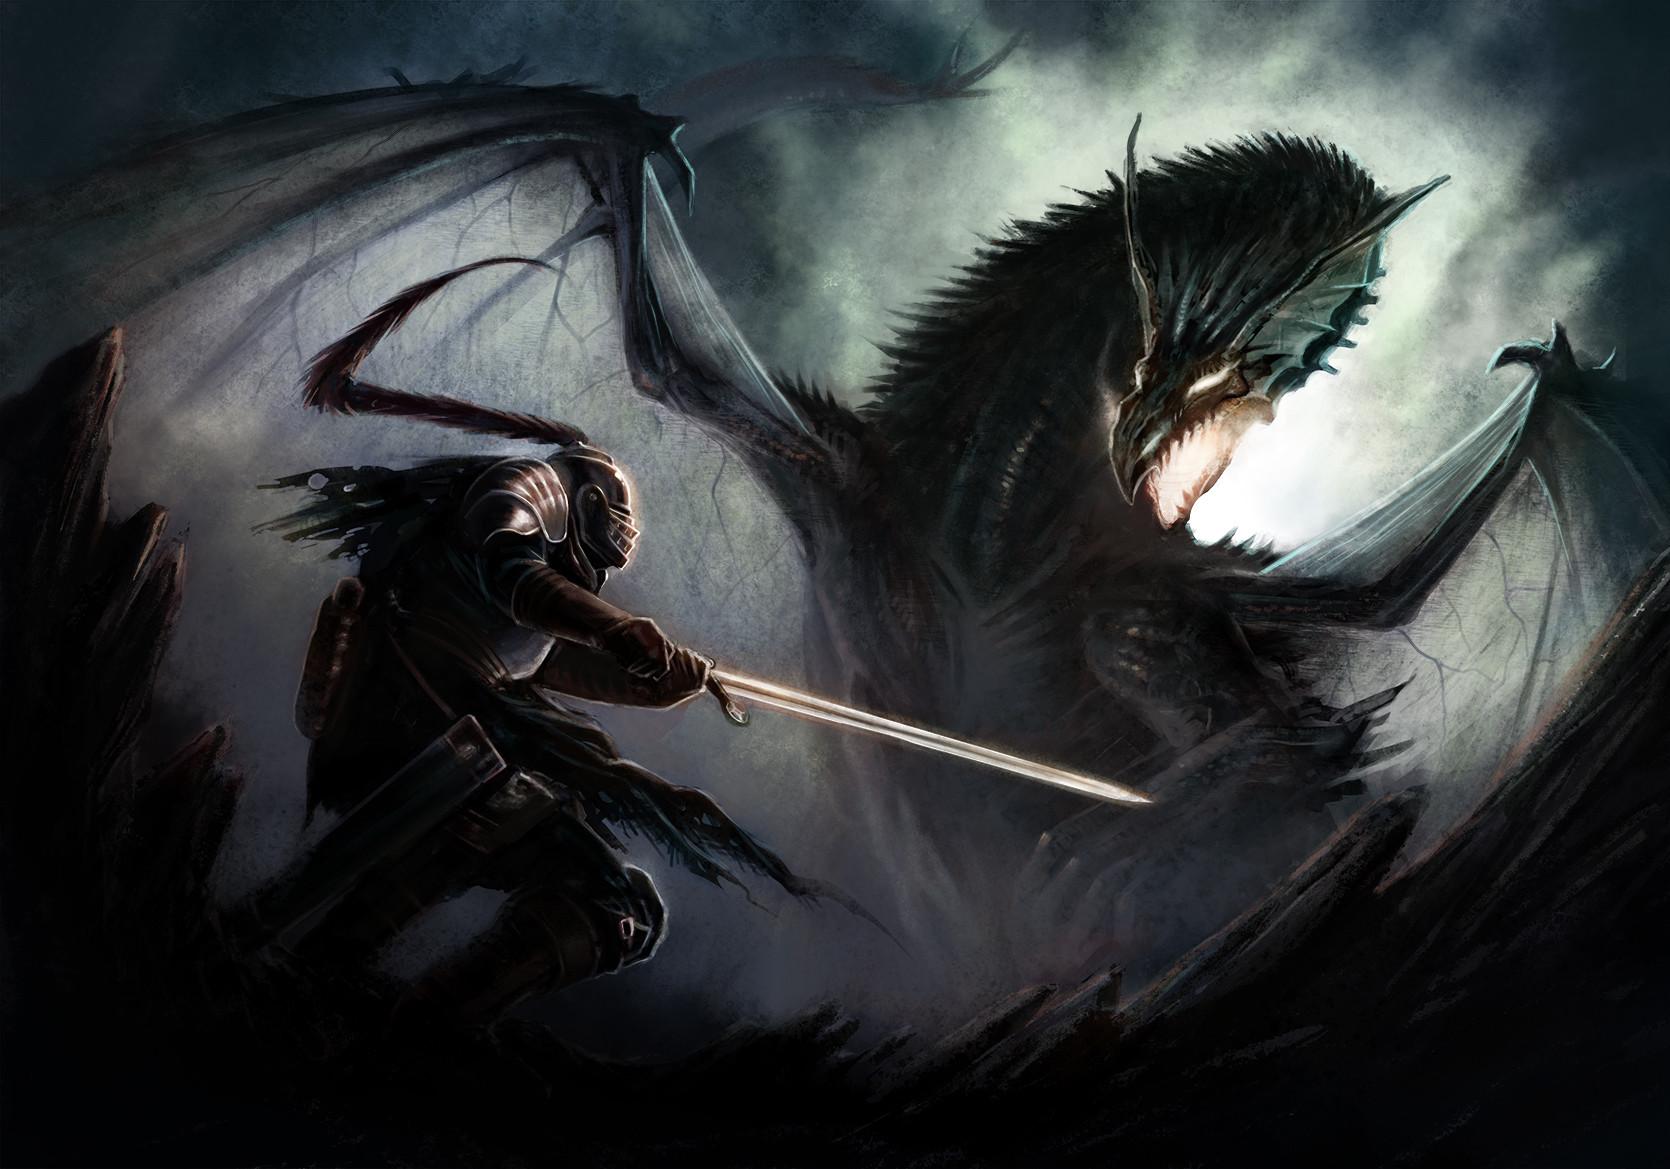 большой рисунки фото дракона с мечом формой